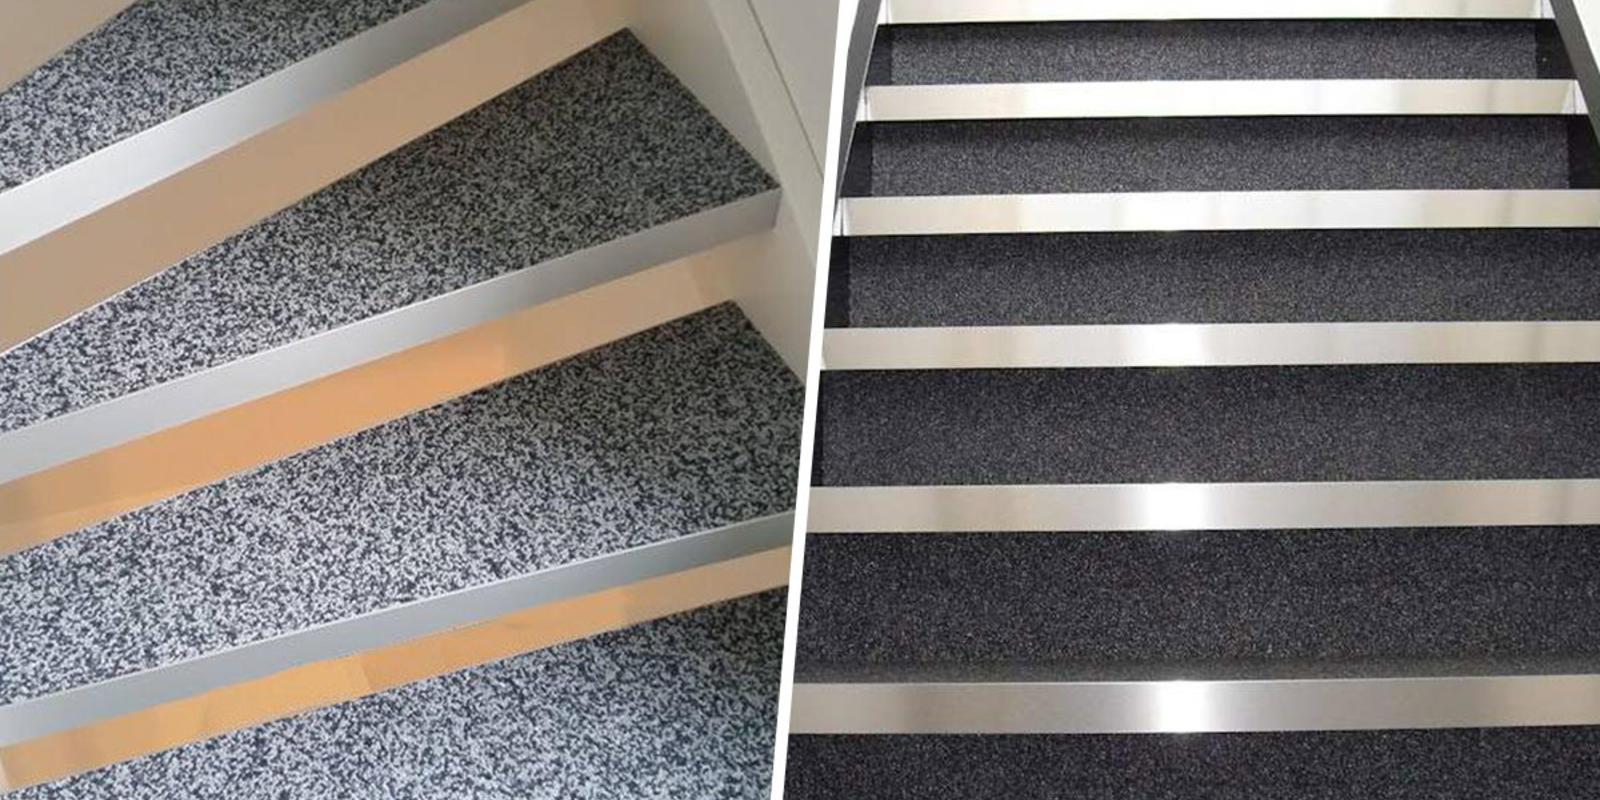 siergrind op trap